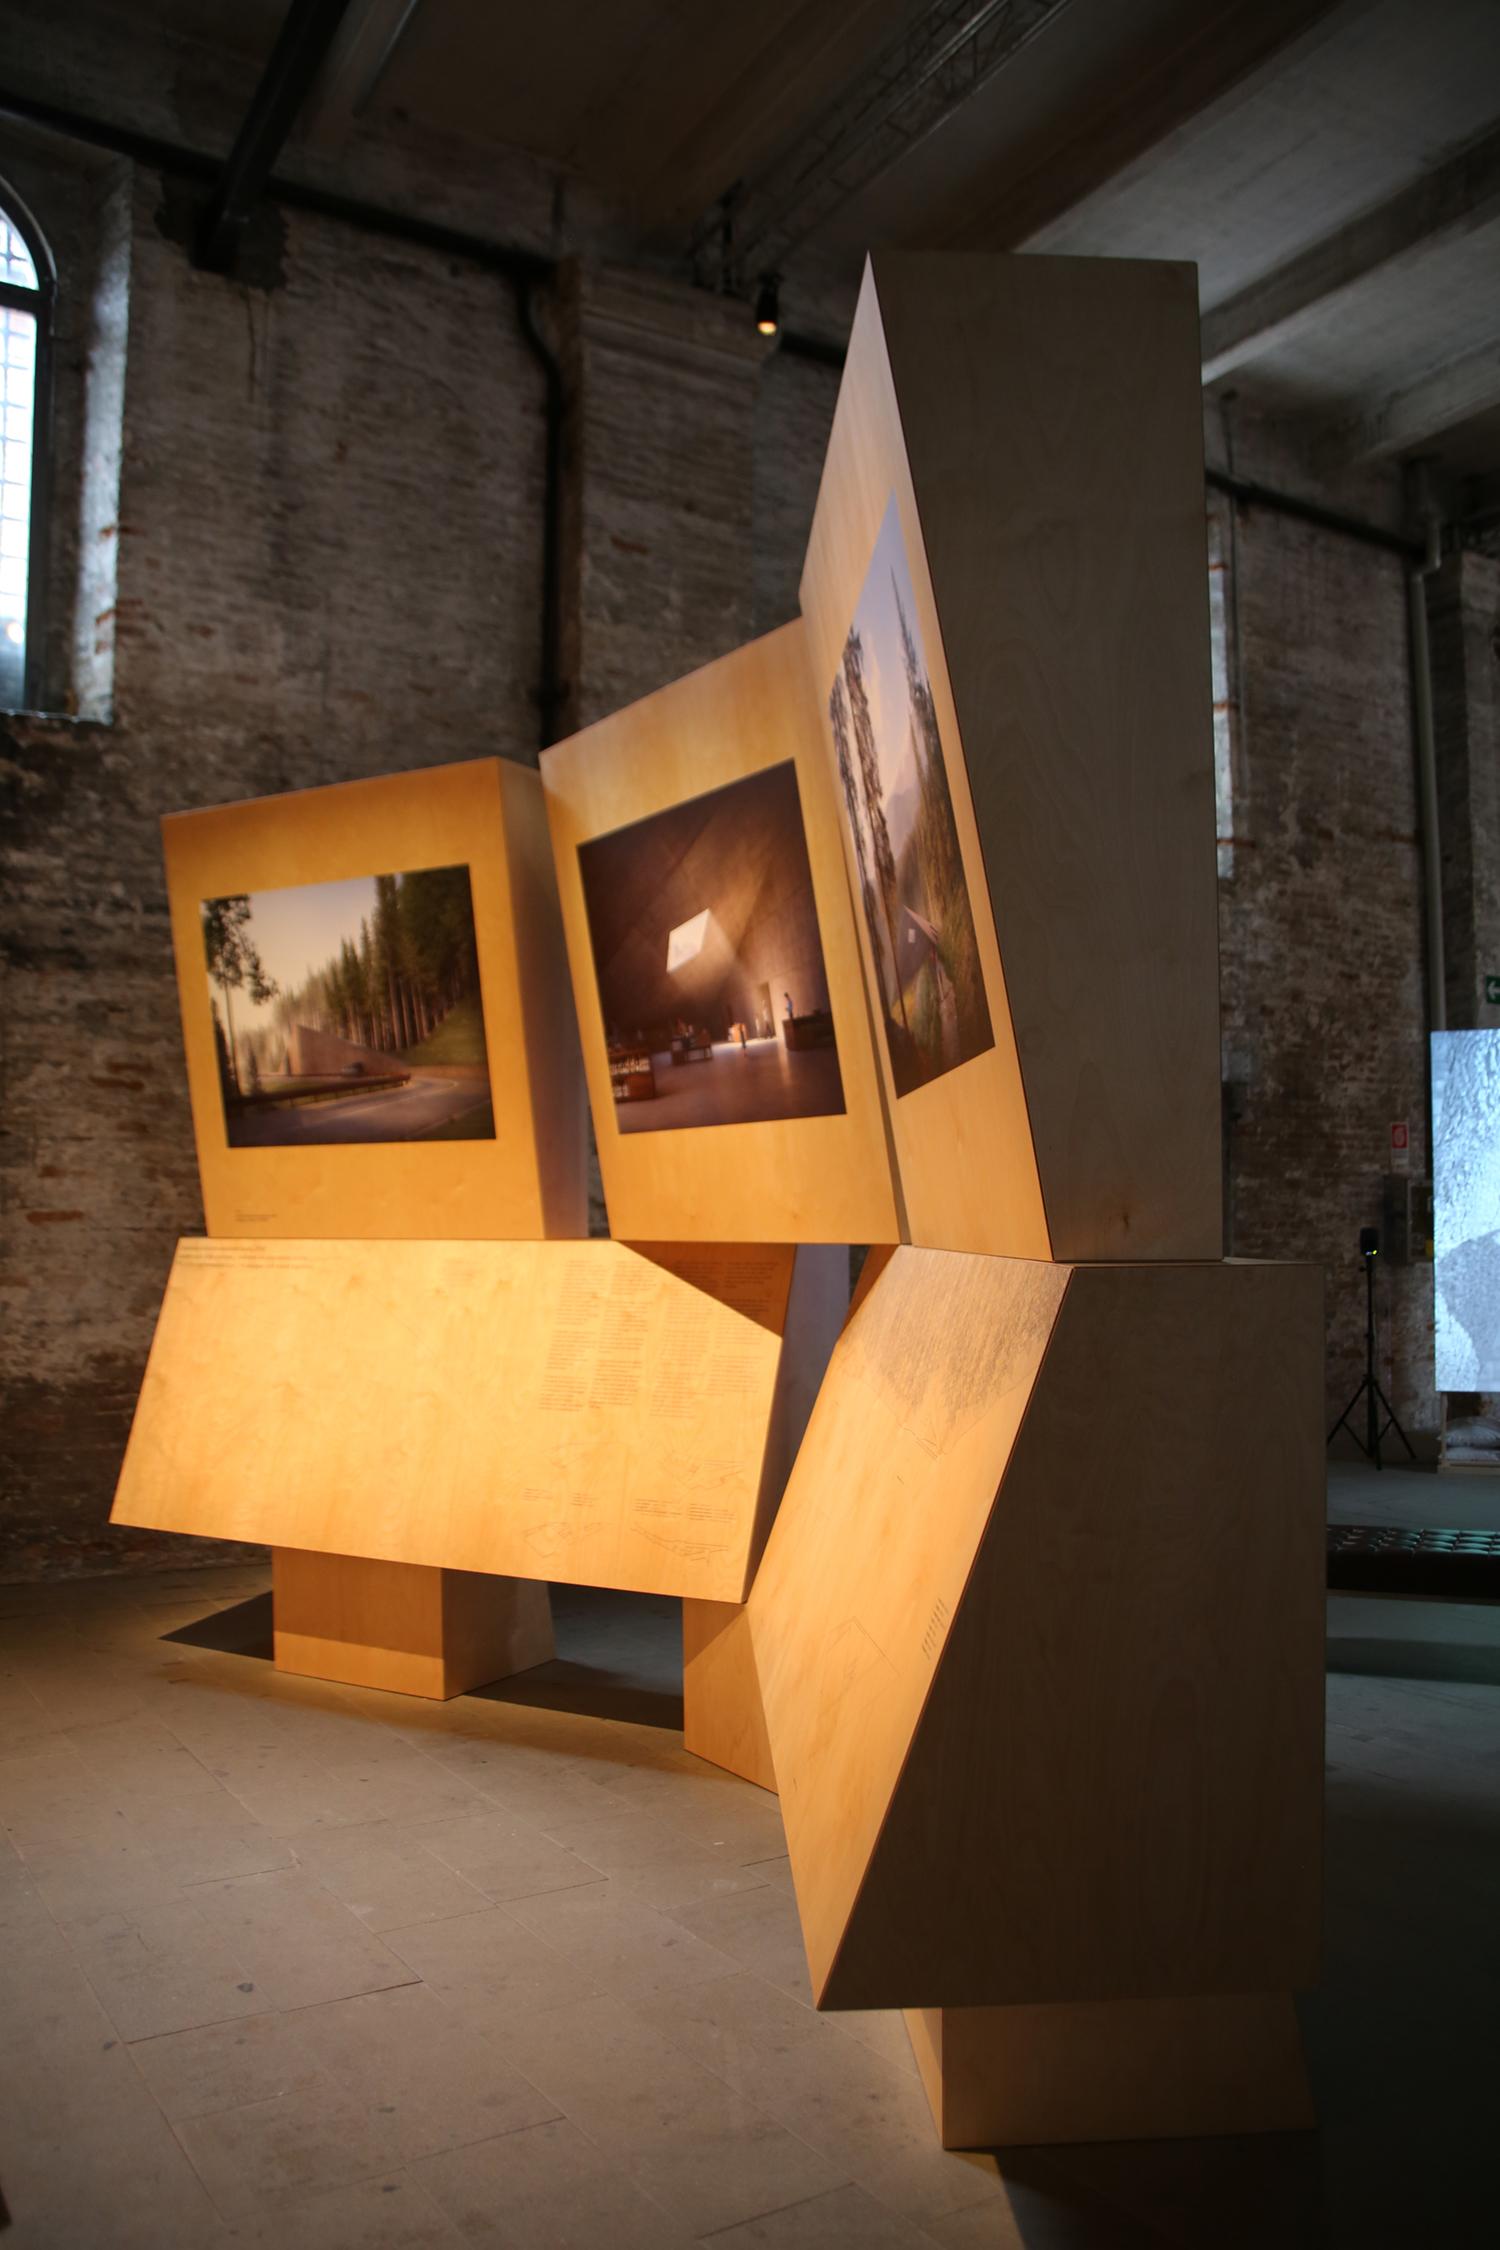 biennale architecture venise 2018 527.JPG